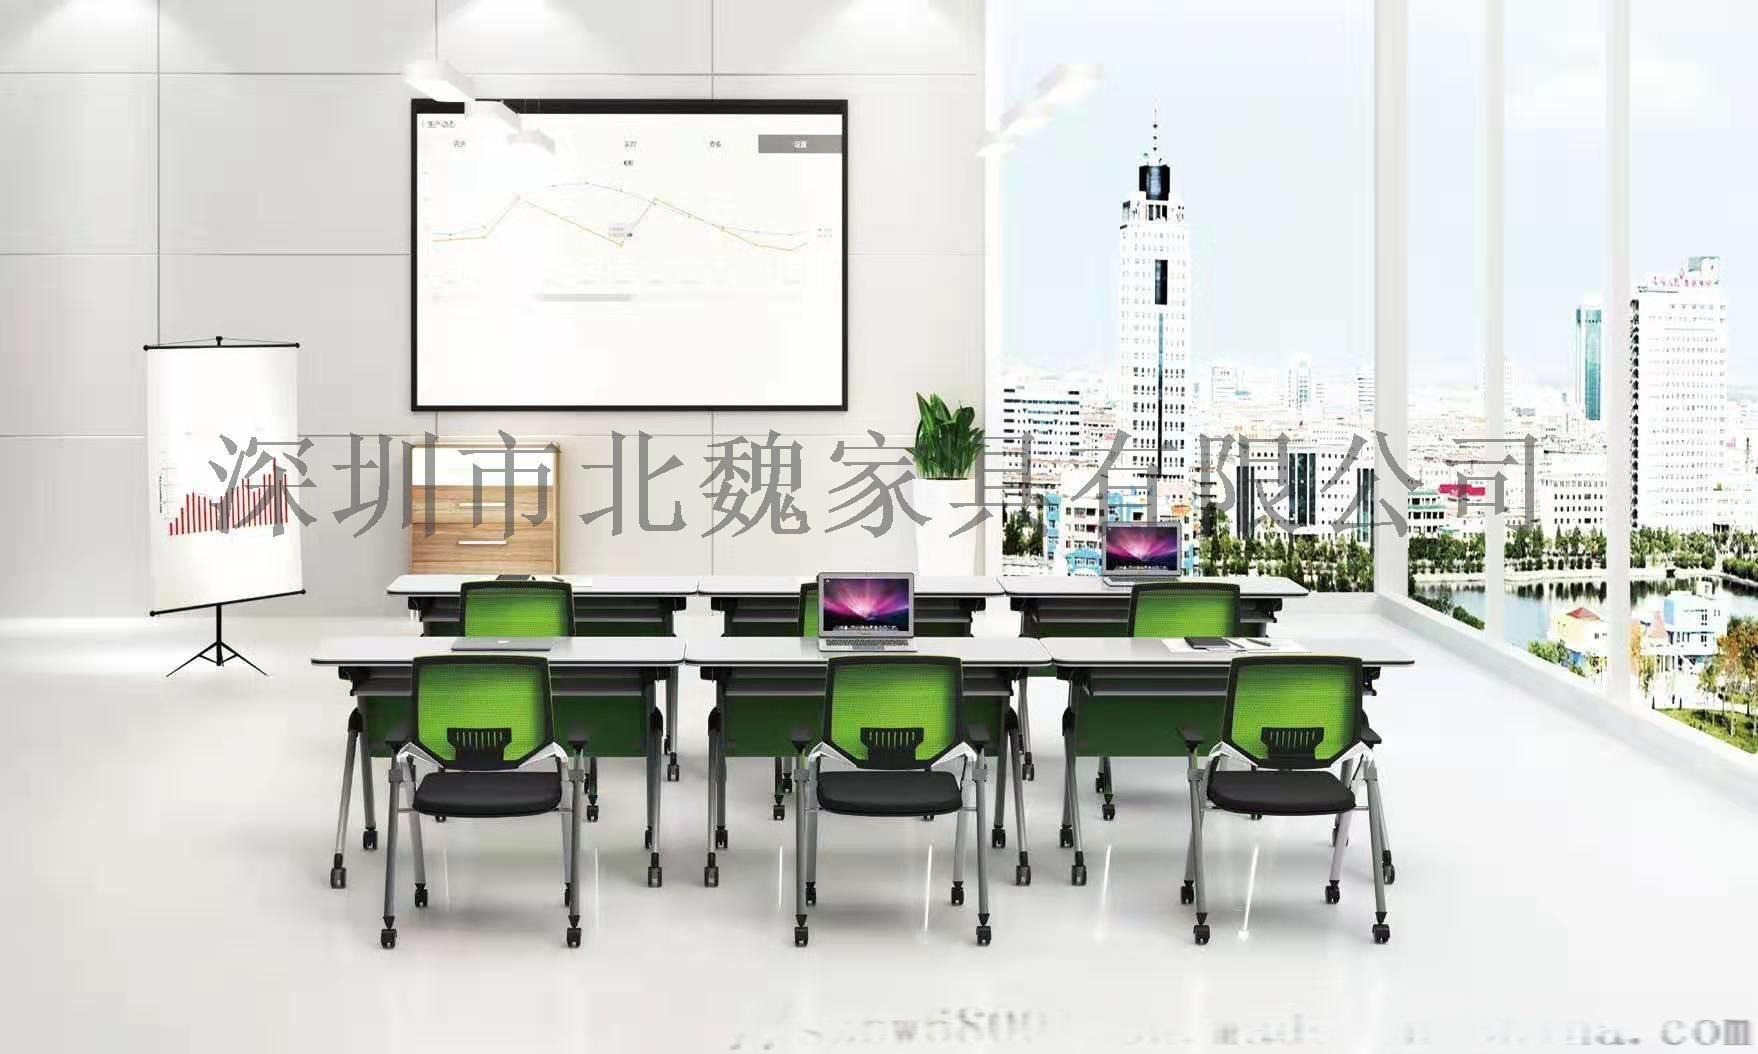 折叠培训桌|可折叠培训台|广东培训桌生产厂家122950905